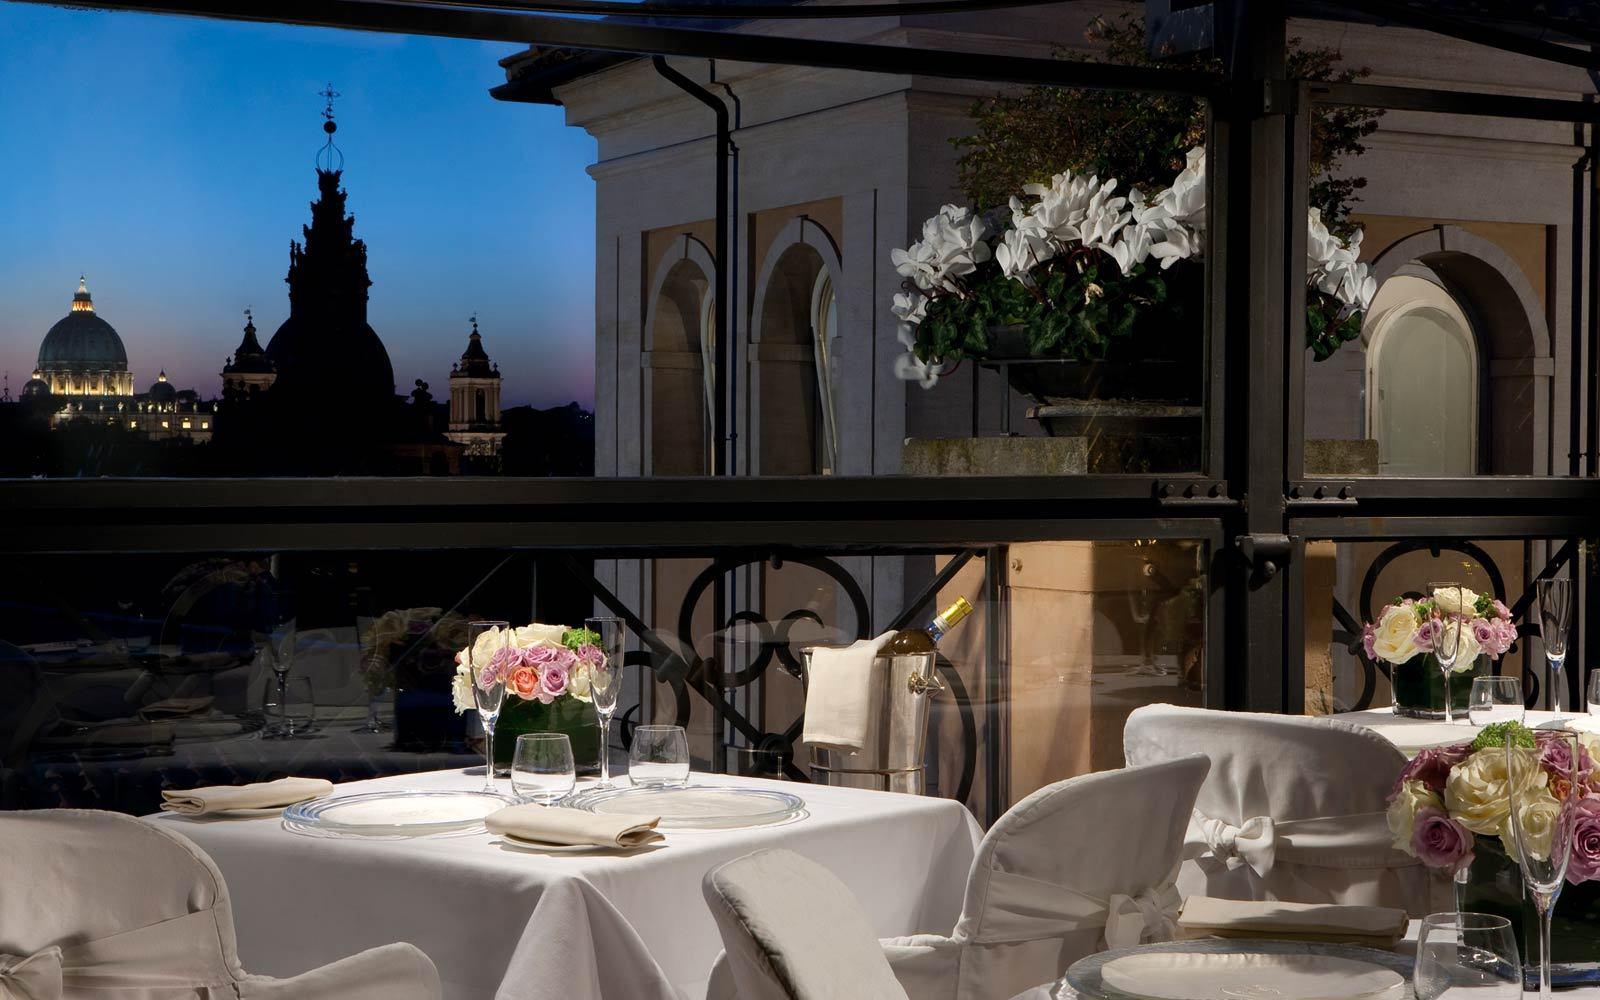 Лучшие отели мира: Grand Hotel de la Minerve - фото №1